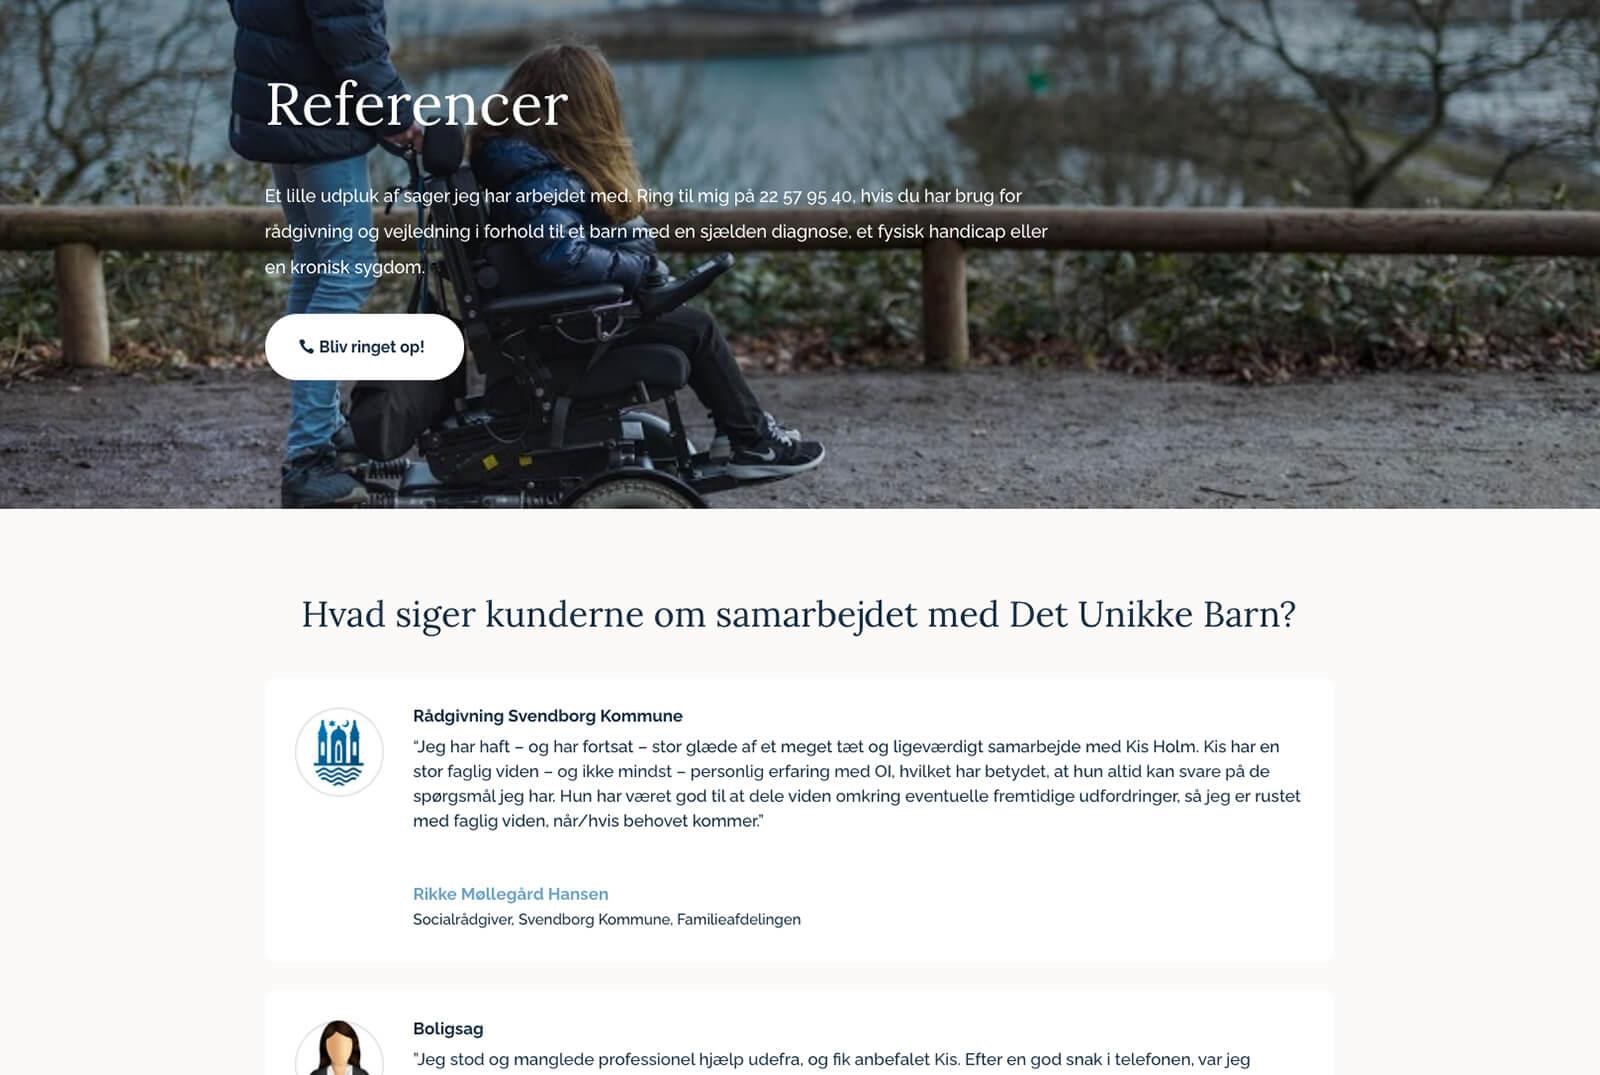 Det Unikke Barn - Redesignet referenceside